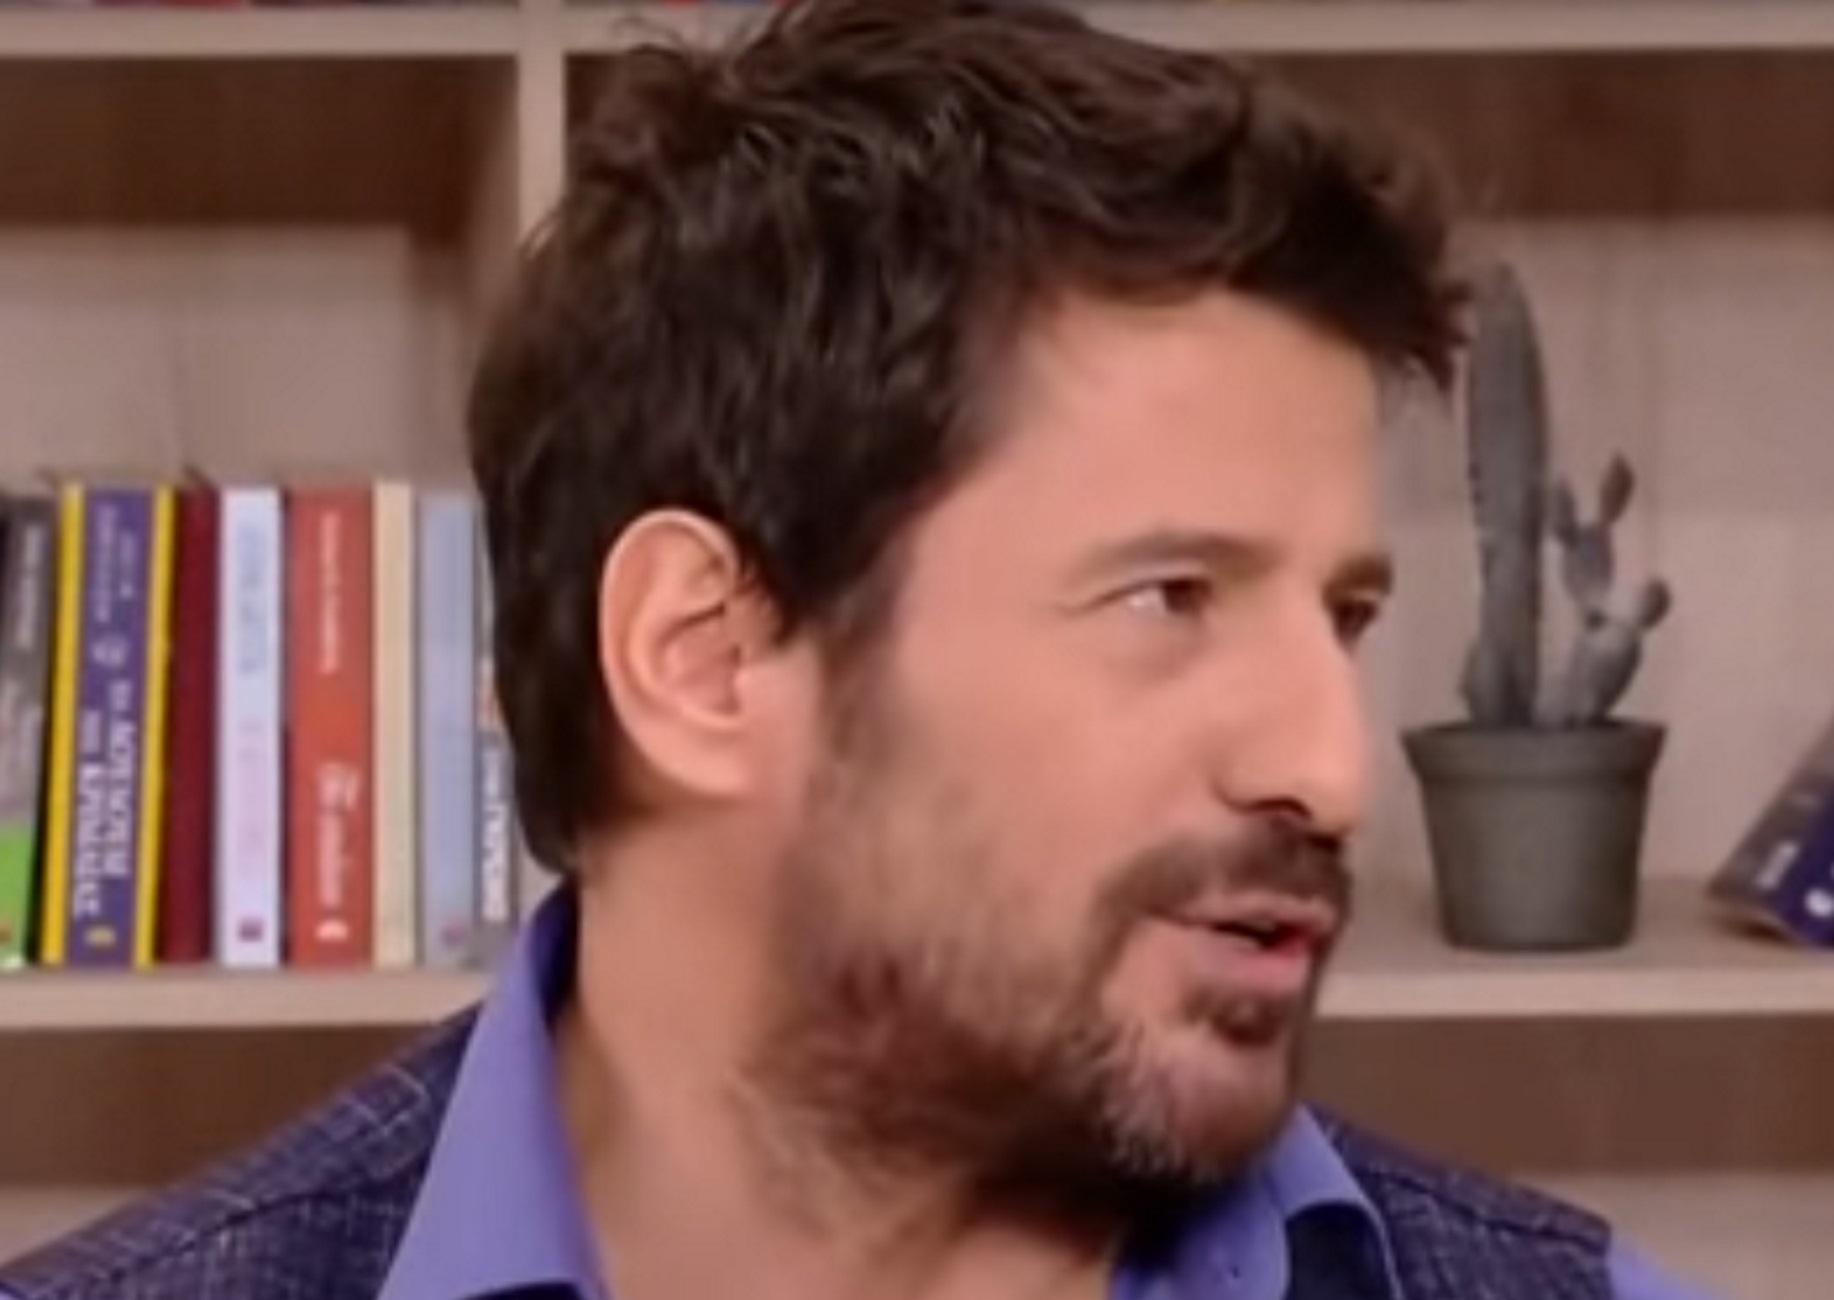 """Λάρισα: Η ατάκα της αστρολόγου που άφησε τον Αλέξη Γεωργούλη """"παγωτό""""! Τα λόγια που του είπε (Βίντεο)"""